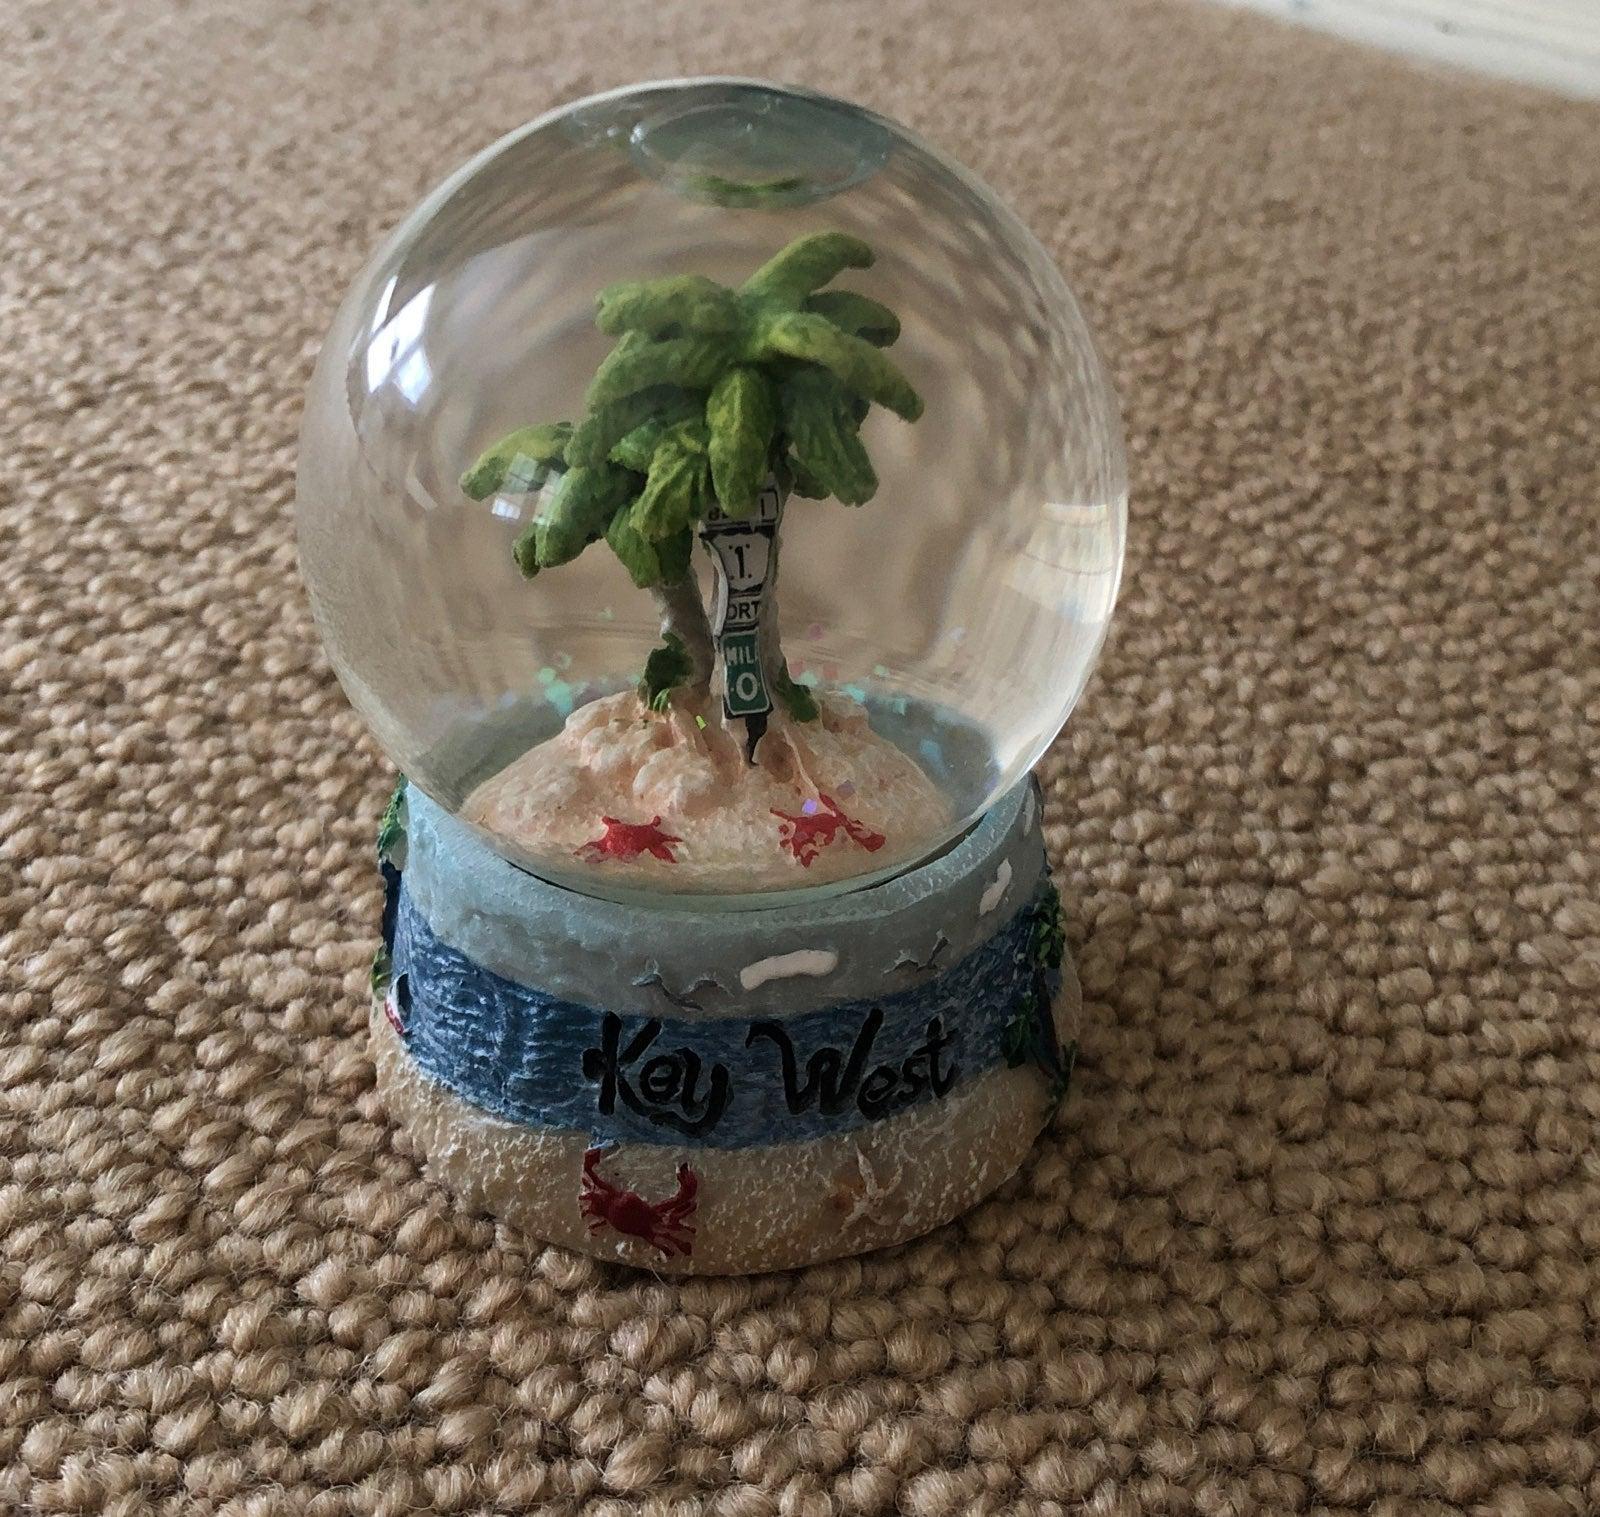 Key West Snow Globe